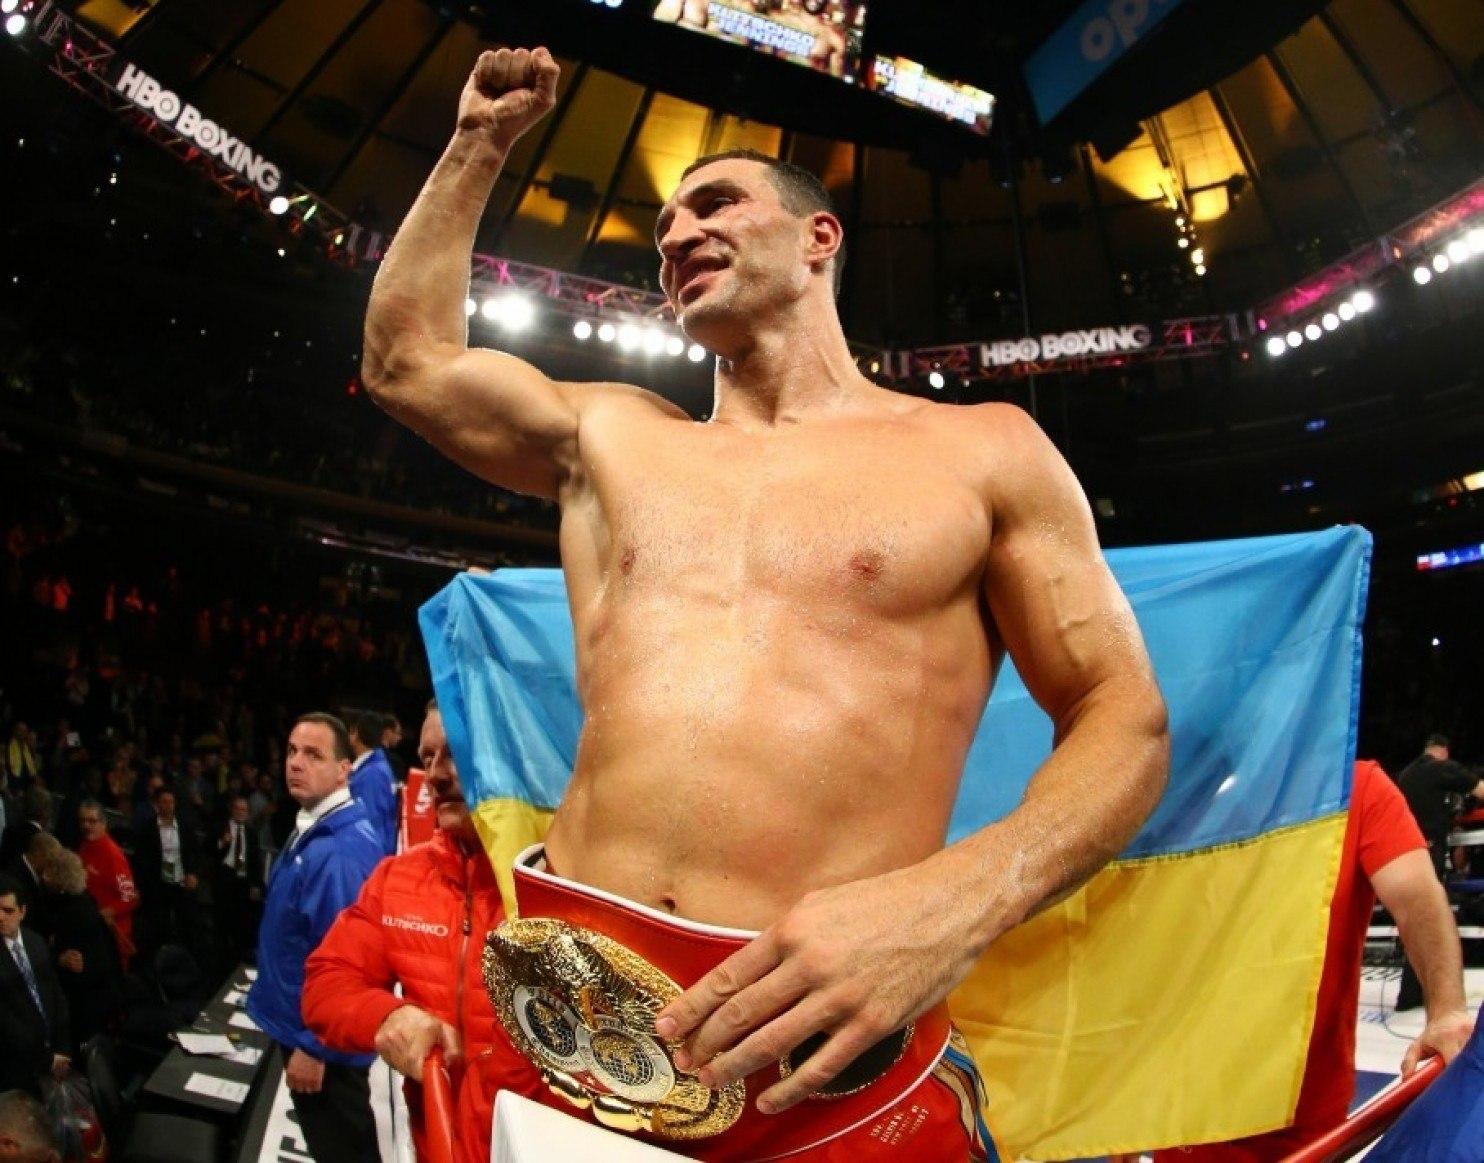 Сьогодні 40 років Олімпійському чемпіону з боксу - Володимиру Кличку!  Щиро вітаю і бажаю нових перемог, чемпіоне!